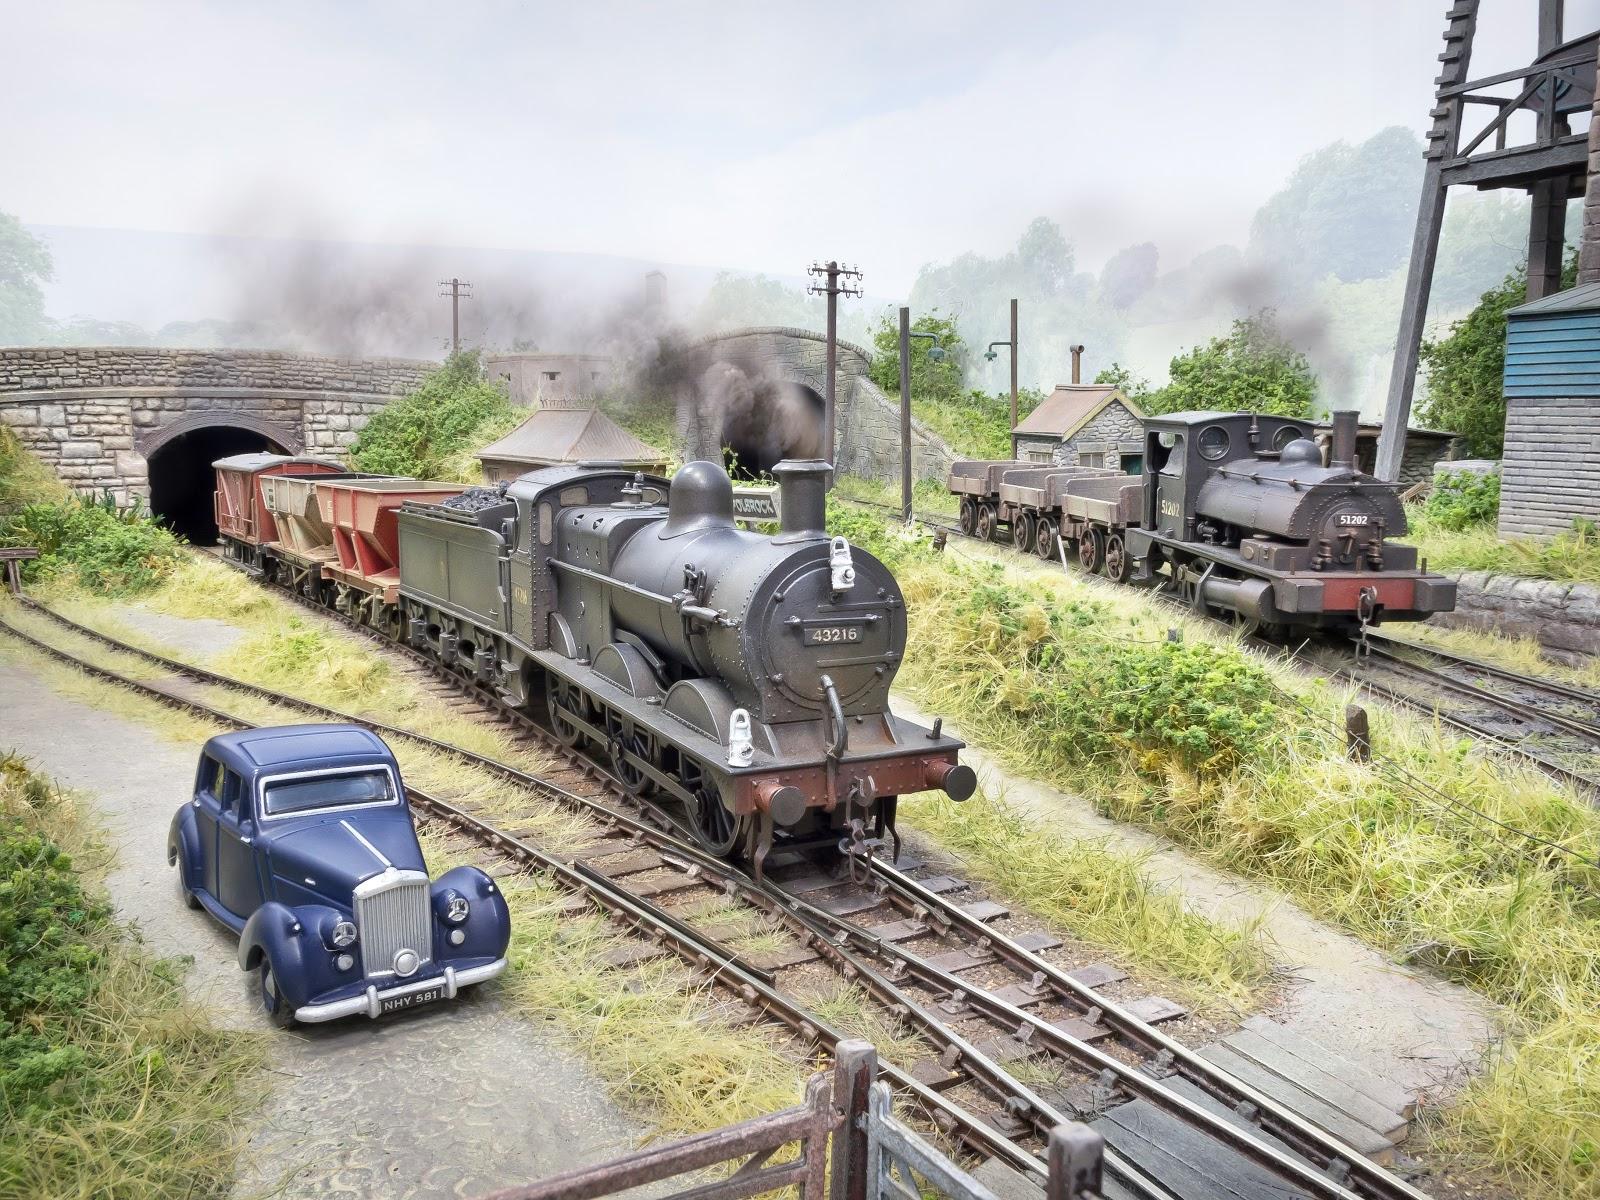 The Model Railways Of Chris Nevard S Blog